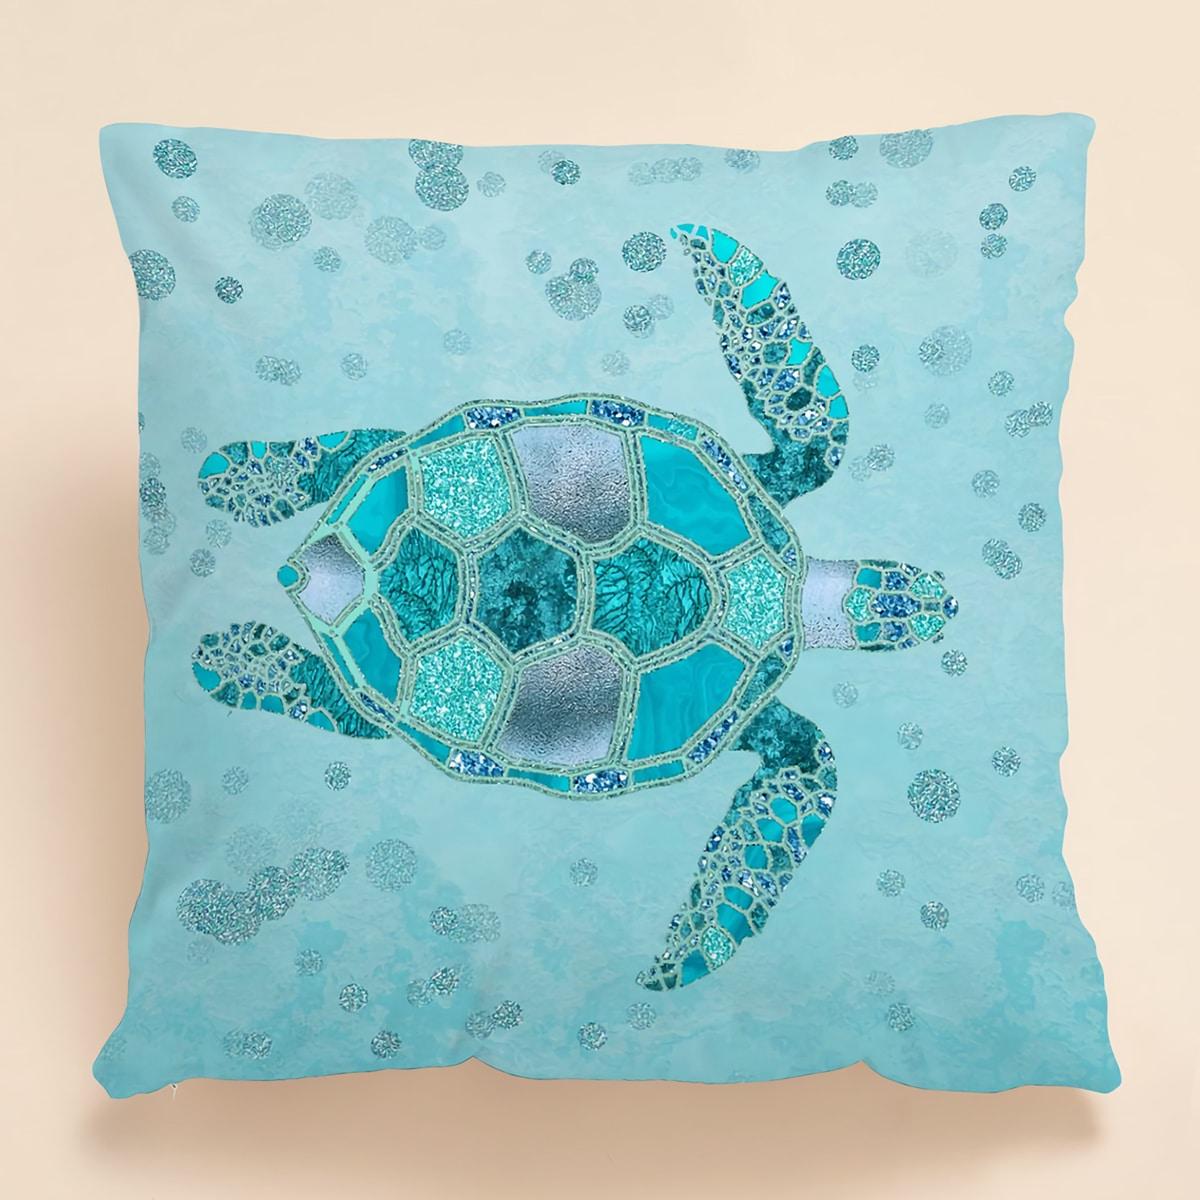 Kissenbezug mit Meeresschildkröte Muster ohne Füllstoff